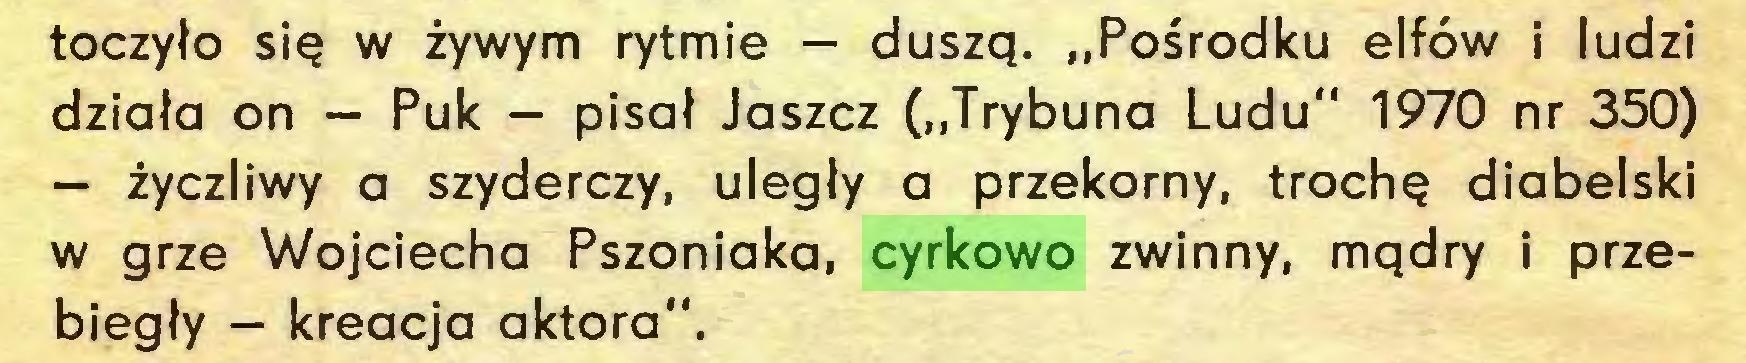 """(...) toczylo siq w zywym rytmie — duszq. """"Posrodku elföw i ludzi dziala on — Puk — pisal Jaszcz (""""Trybuna Ludu"""" 1970 nr 350) — zyczliwy a szyderczy, ulegly a przekorny, trochq diabelski w grze Wojciecha Pszoniaka, cyrkowo zwinny, mqdry i przebiegly — kreacja aktora""""..."""